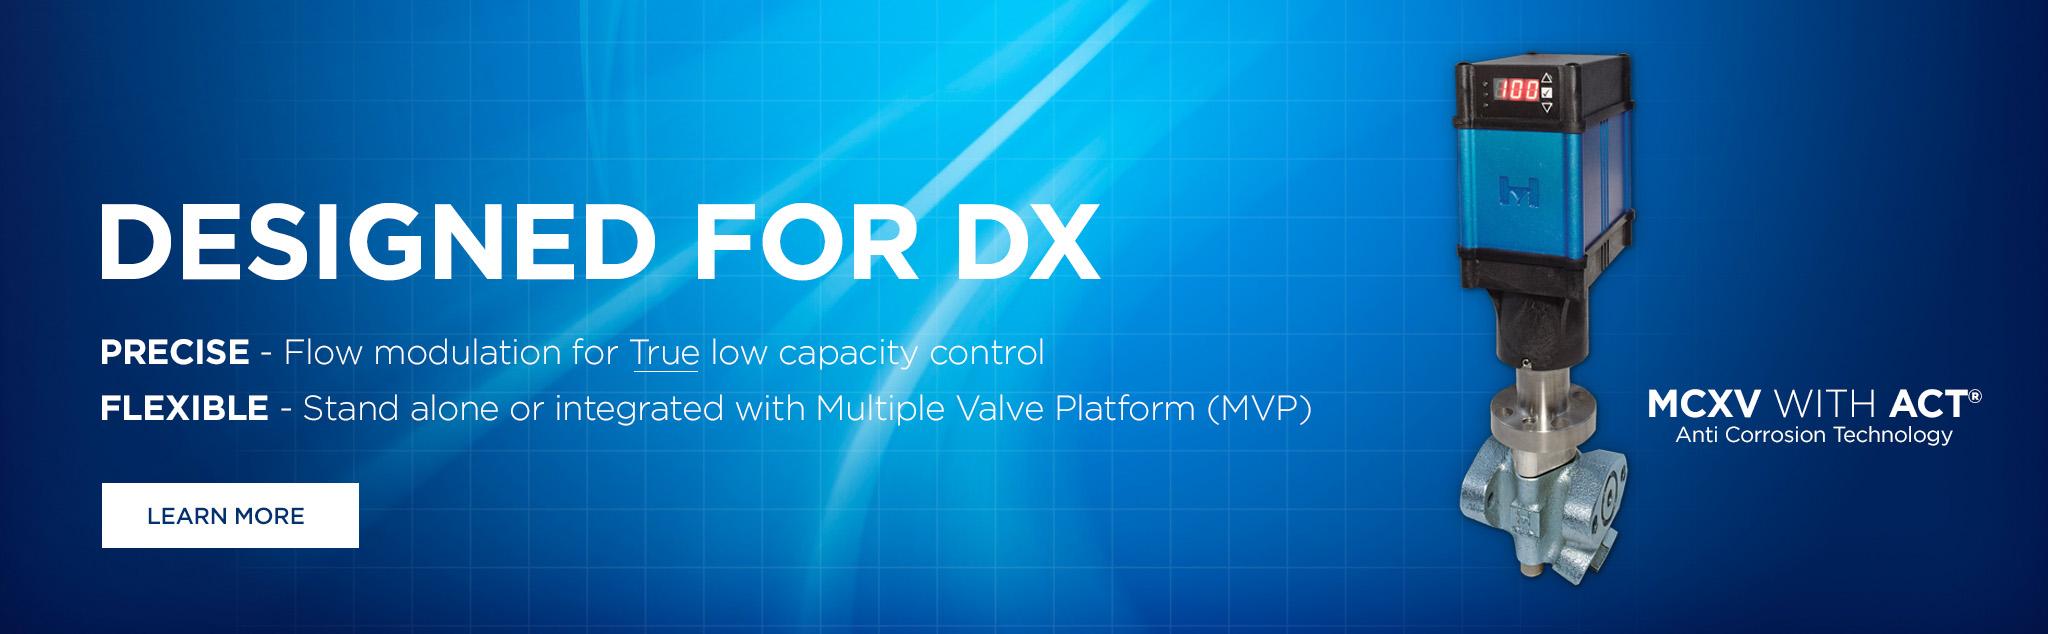 mcxv banner 2.jpg